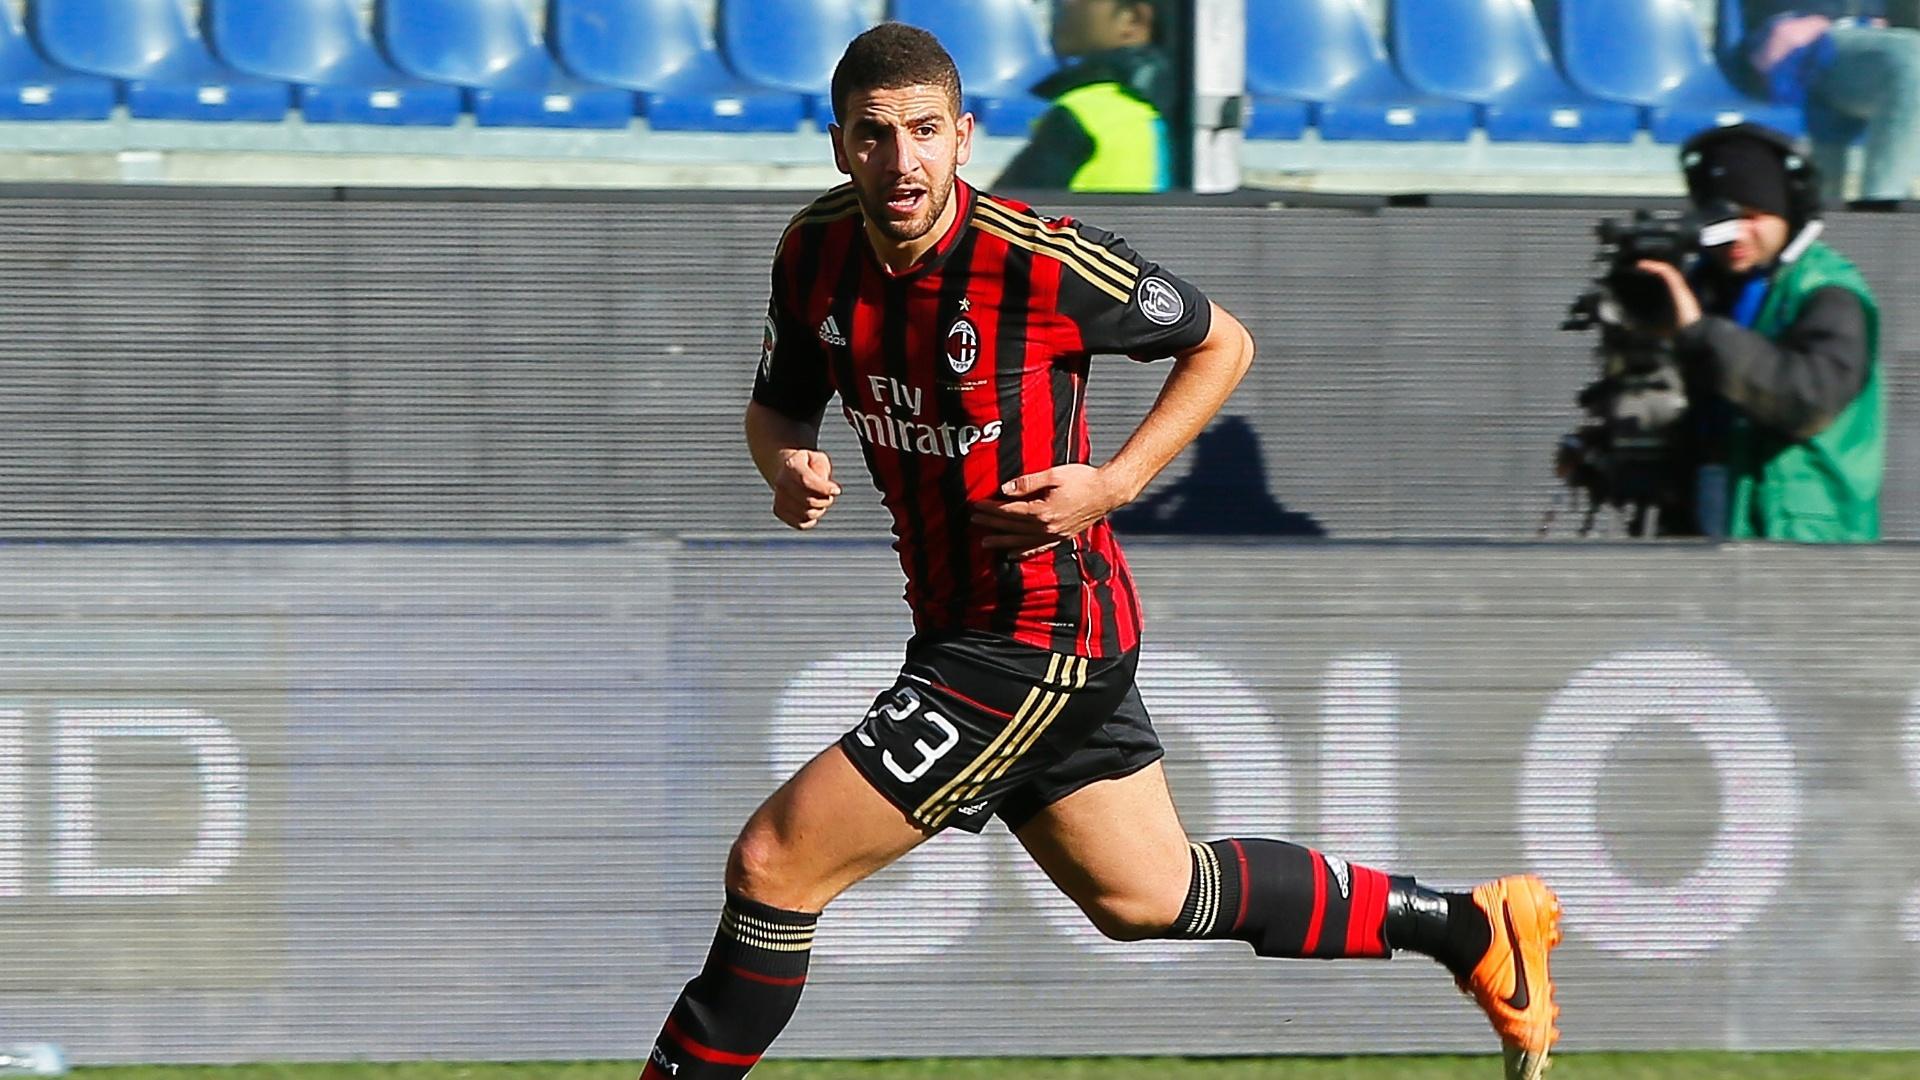 23.fev.2014 - O marroquino Taarabt fez o primeiro gol do Milan na vitória por 2 a 0 sobre o Sampdoria, pelo Campeonato Italiano